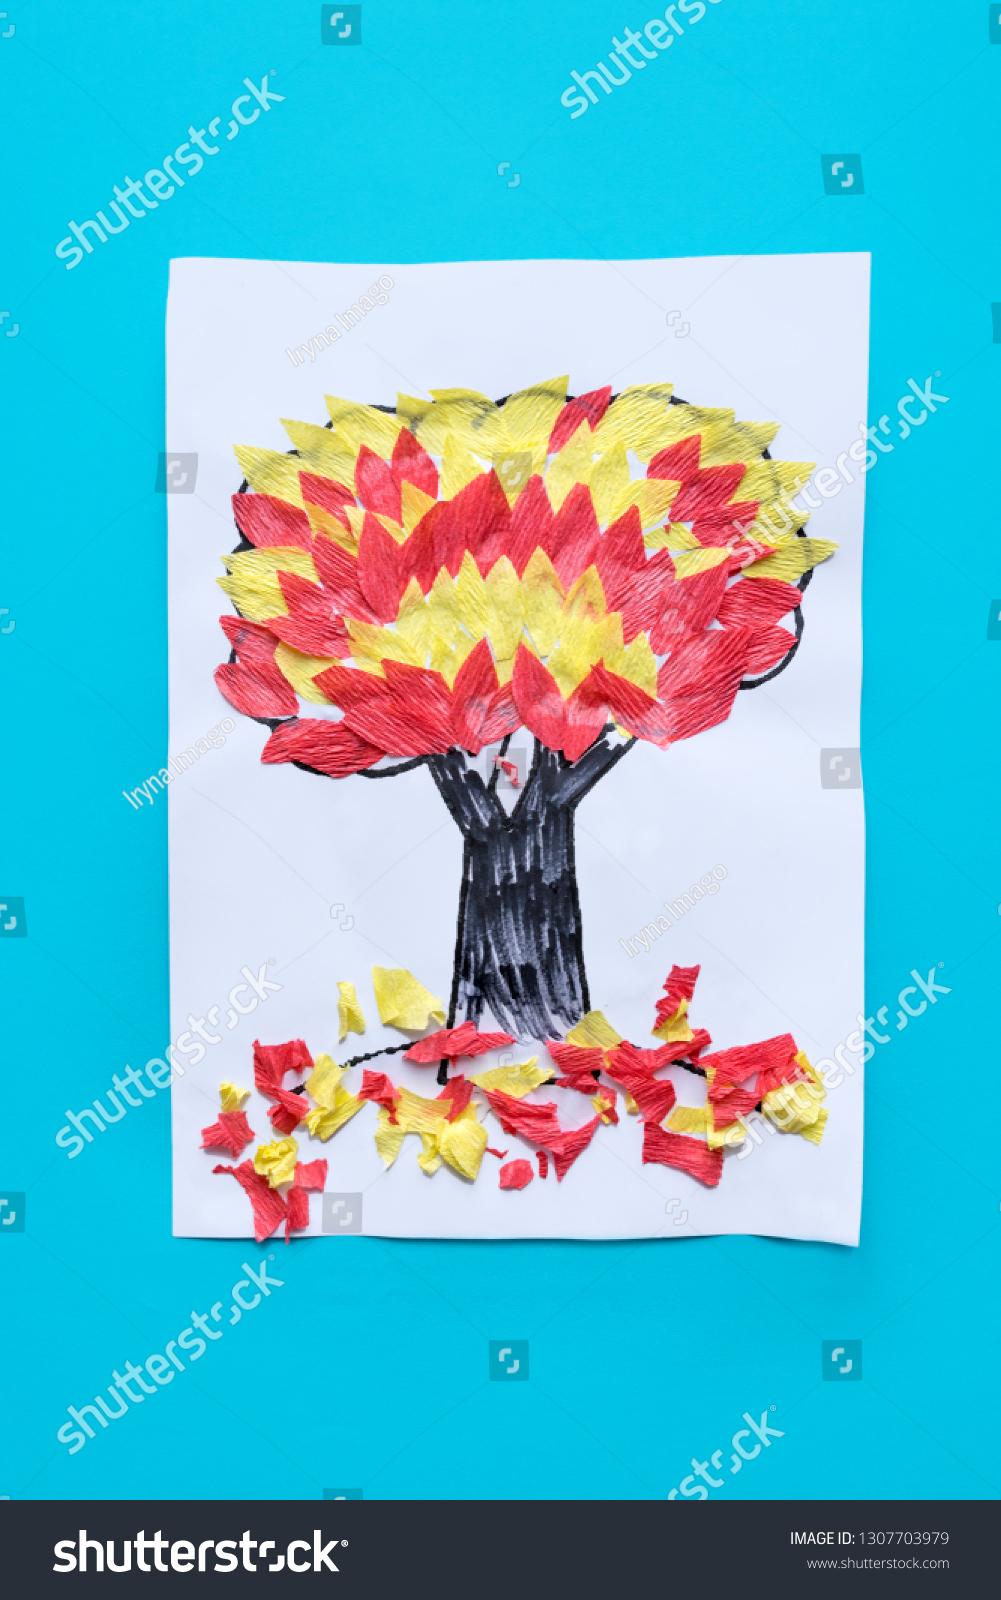 Preschool Arts Crafts Activities Easy Crafts Stock Photo Edit Now